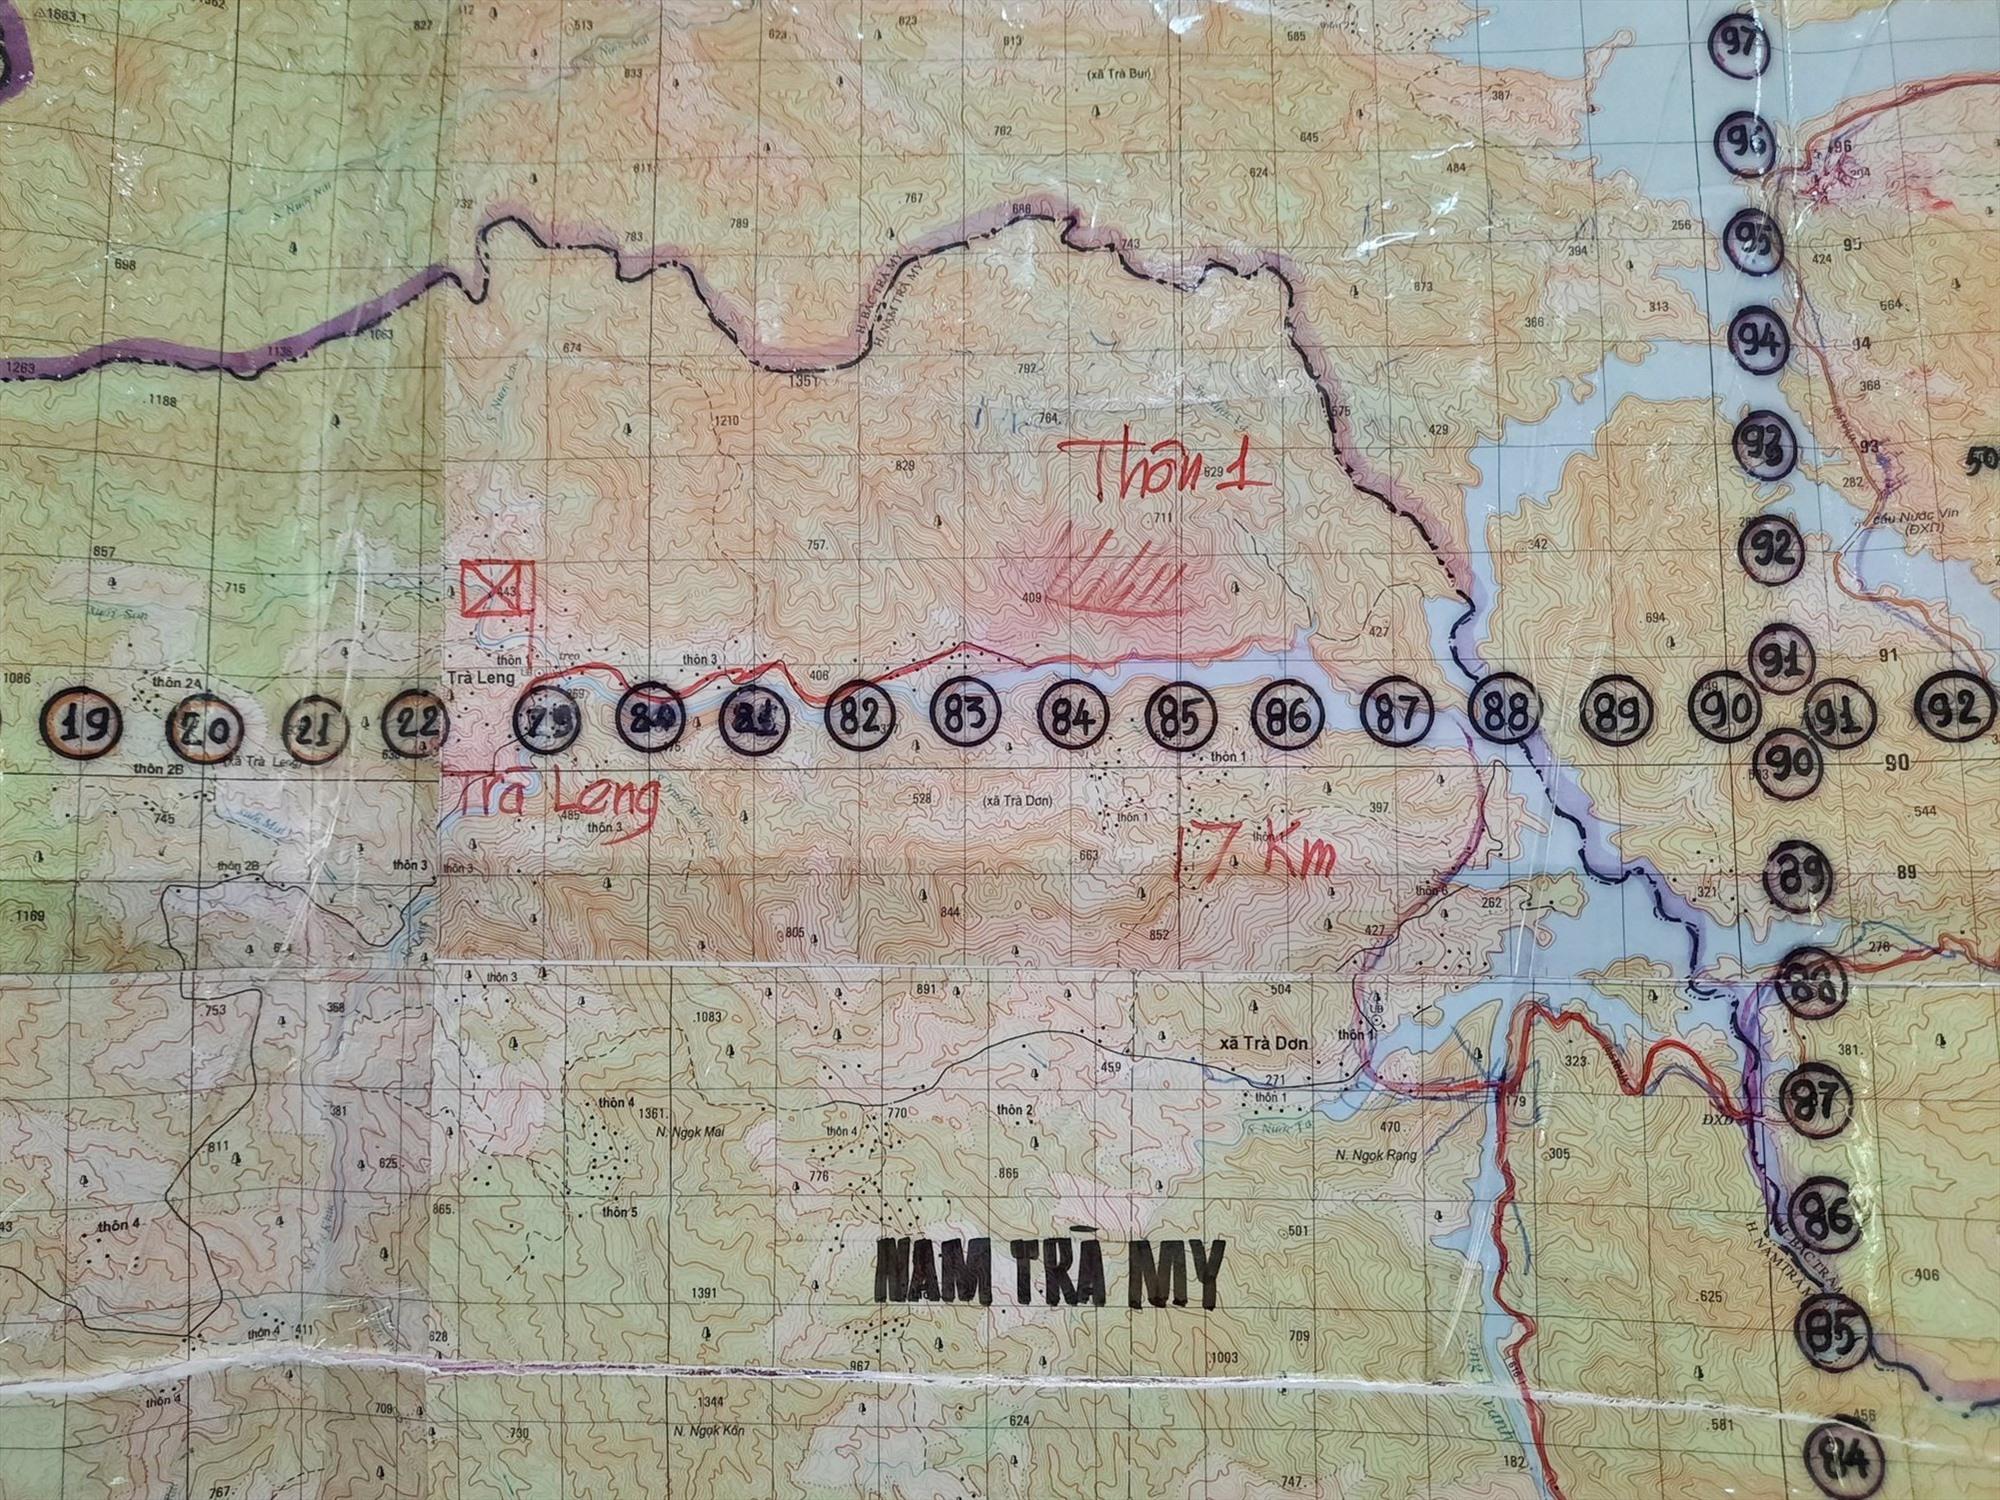 Ảnh: Bản đồ tiếp cận vị trí vụ sạt lở của lực lượng quân sự (vị trí đánh dấu cờ đở trên bản đồ). Ảnh: ĐOÀN ĐẠO - HỒ QUÂN